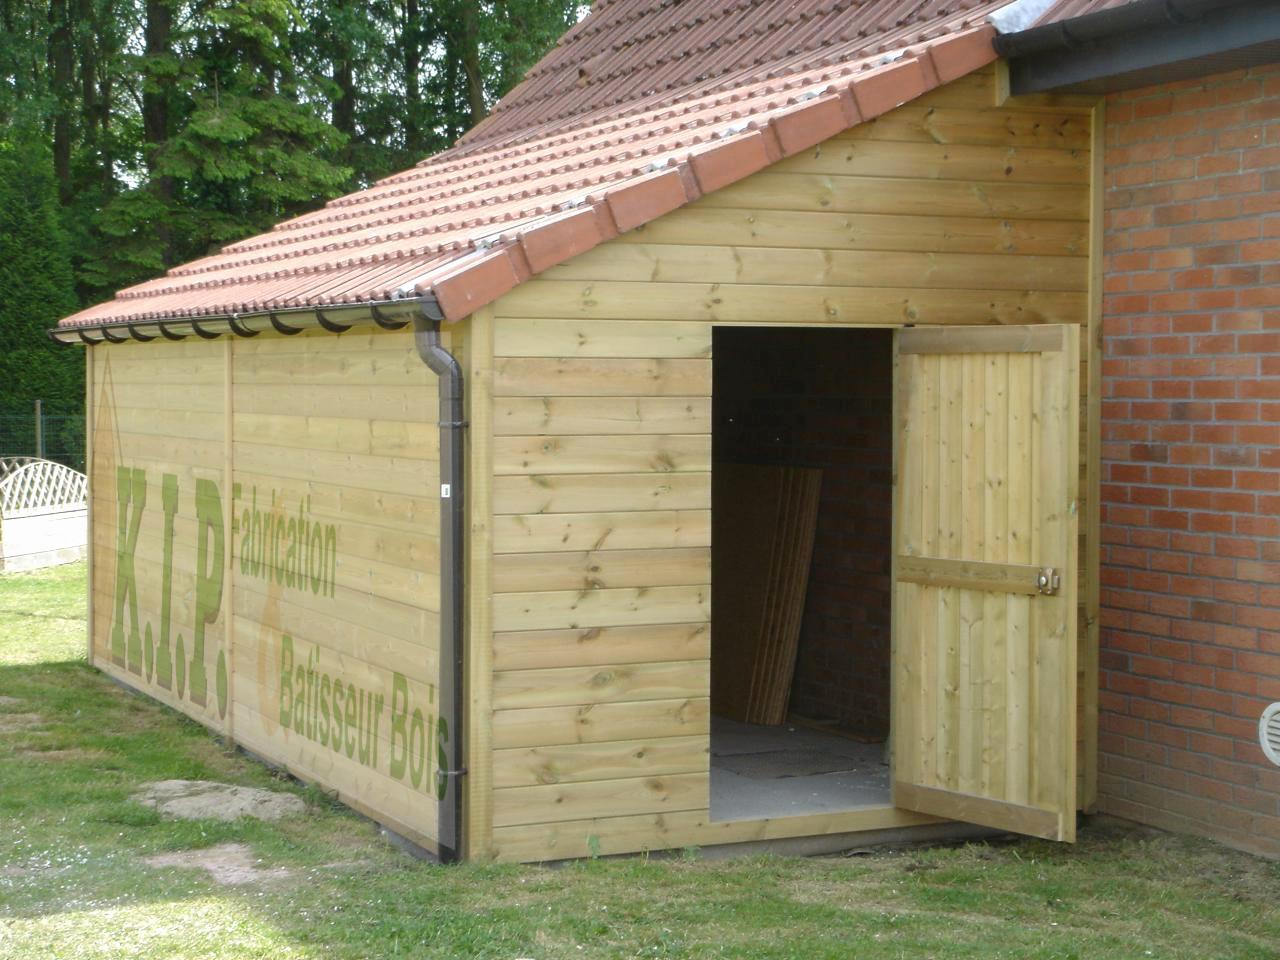 Fontaine De Jardin Brico Depot Impressionnant Collection 53 Artistique Vues De Construction D Un Abri De Jardin